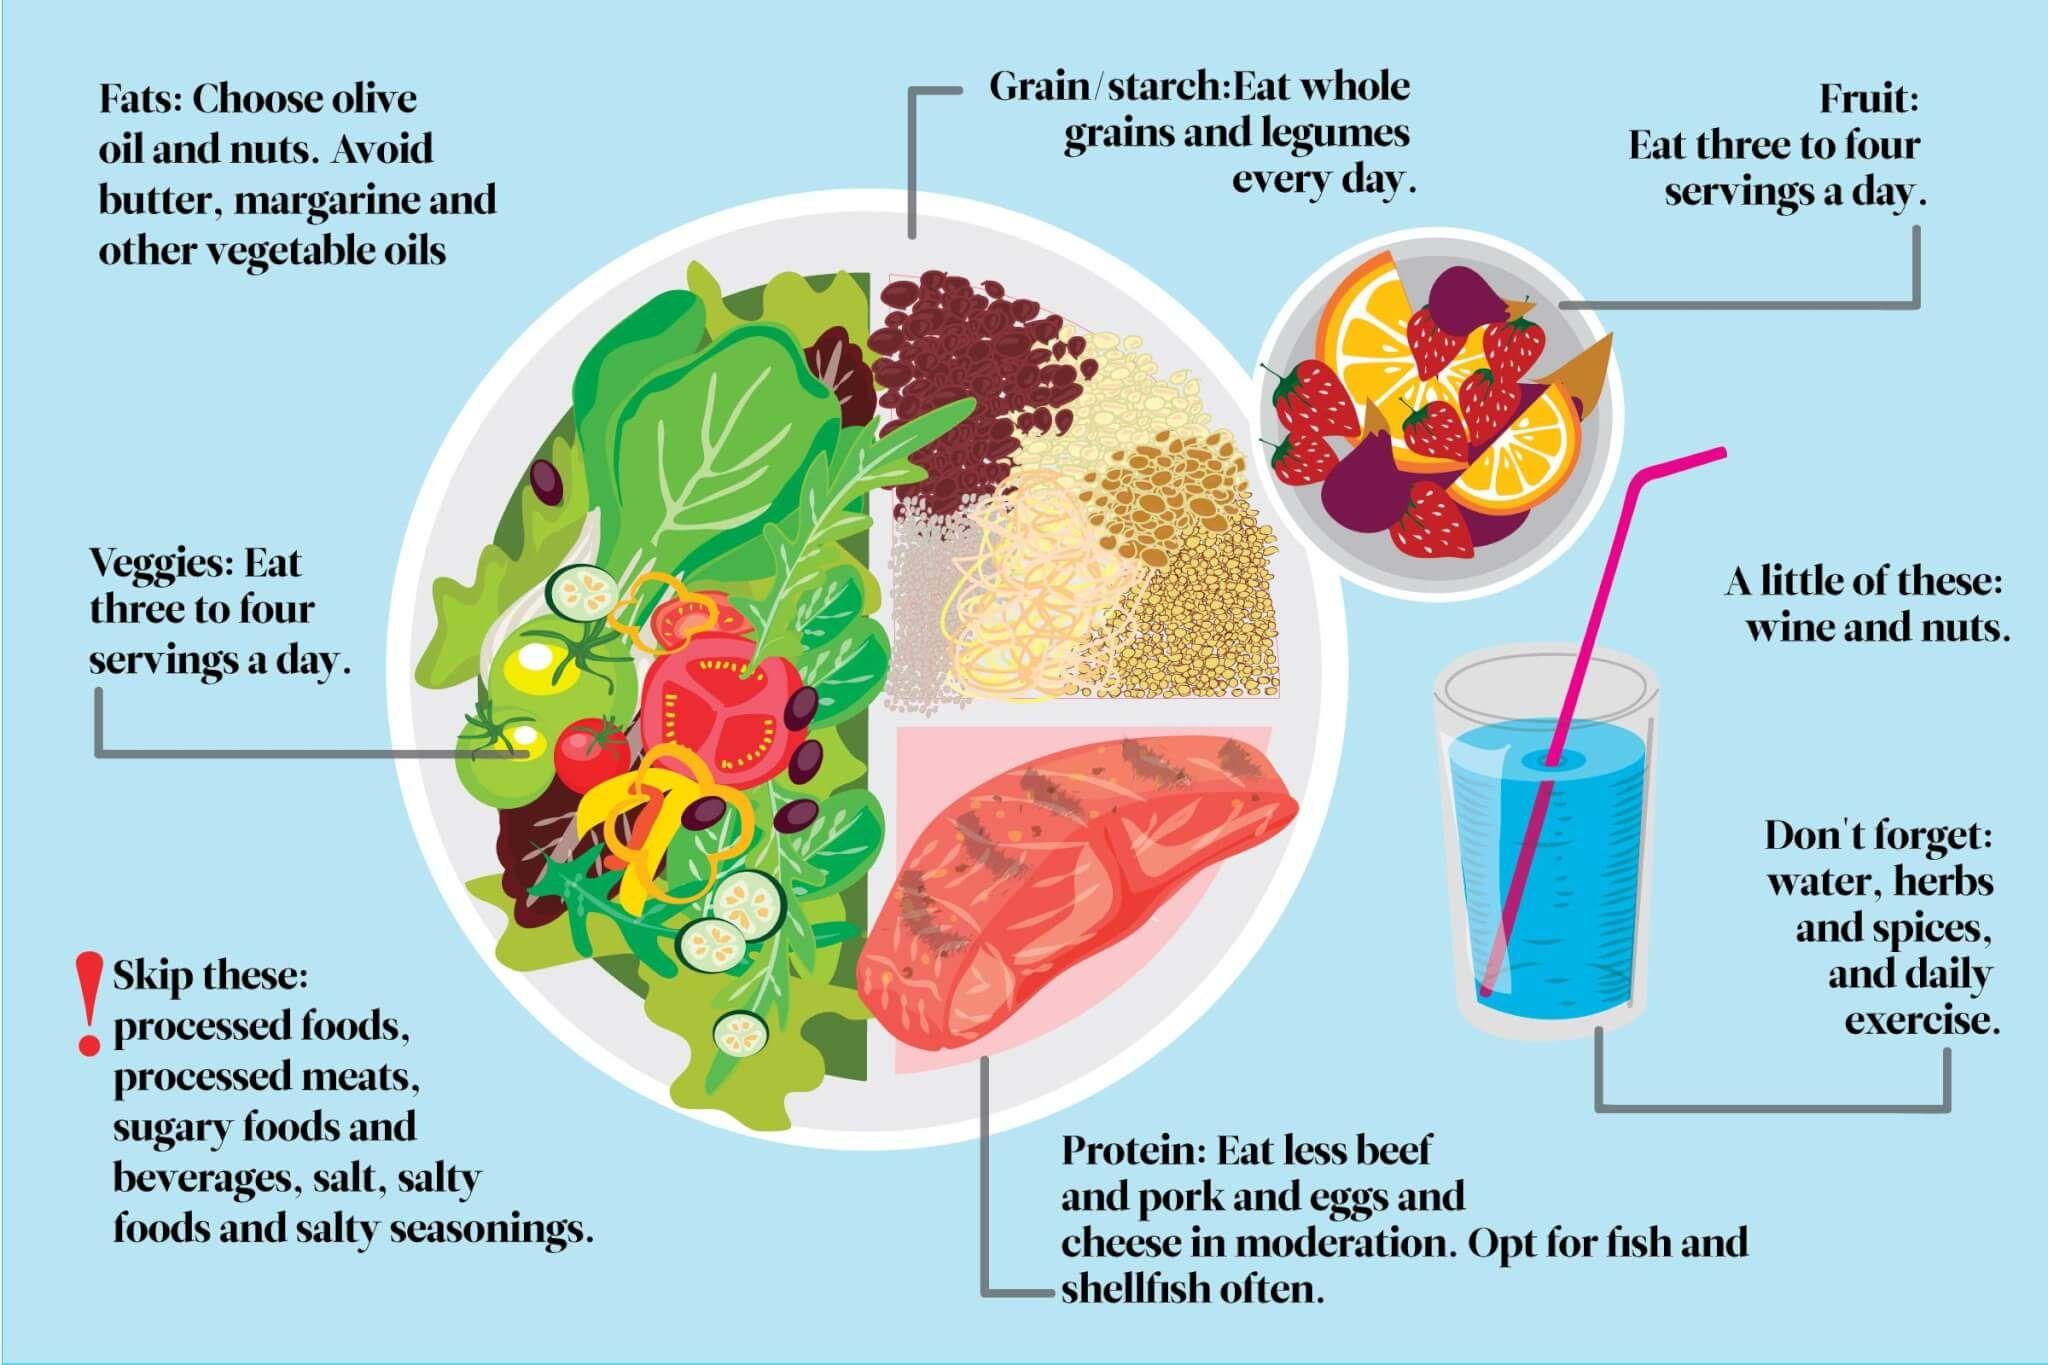 Keto Mediterranean Diet Benefits How To Follow It Drjockers Com Mediteranean Diet Mediterranean Diet Plan Mediterranean Diet